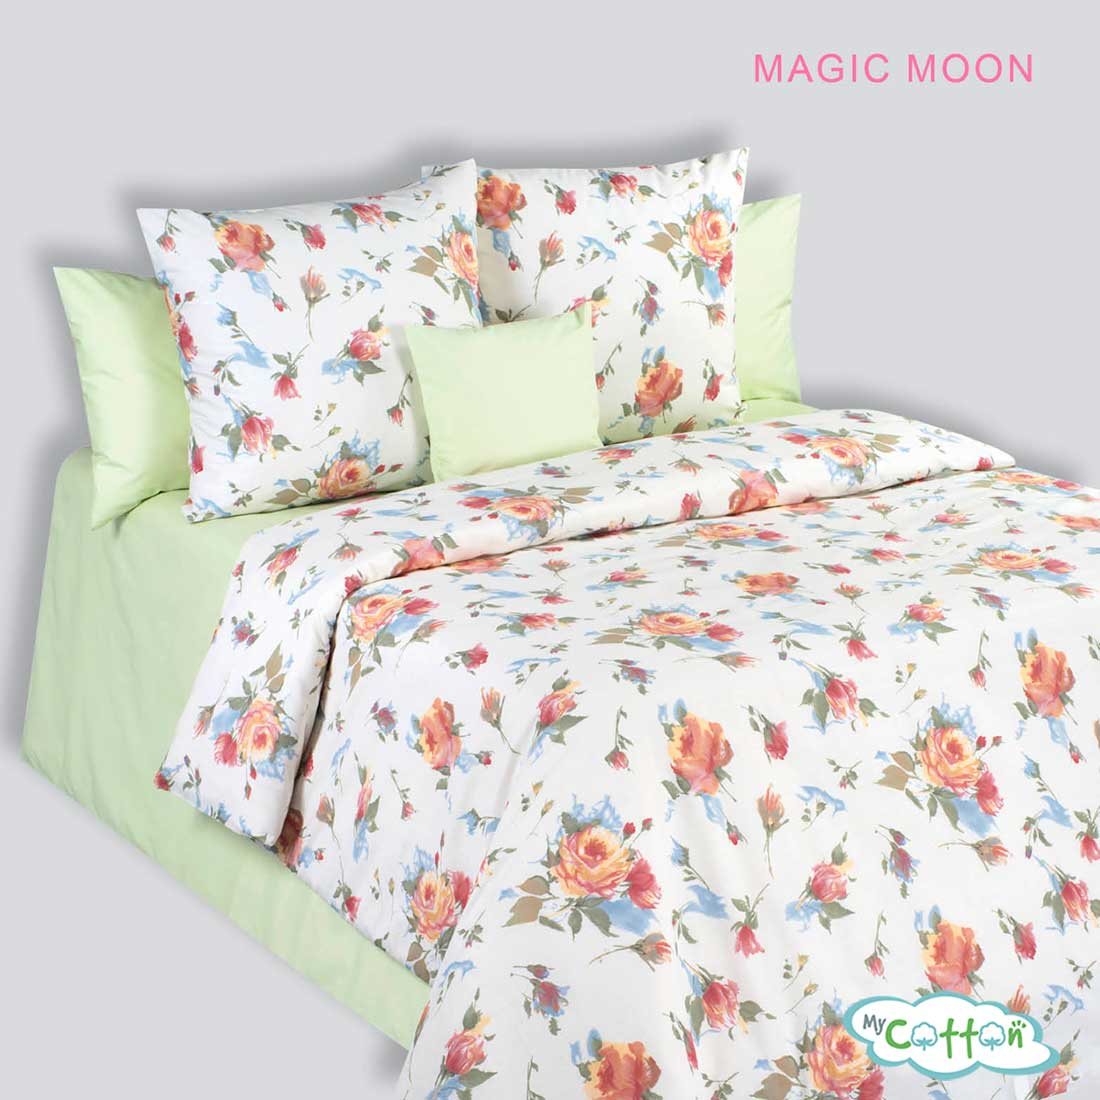 Постельное белье Magic Moon (Волшебная луна) коллекция Audrey Hepbern (Одри Хепберн)